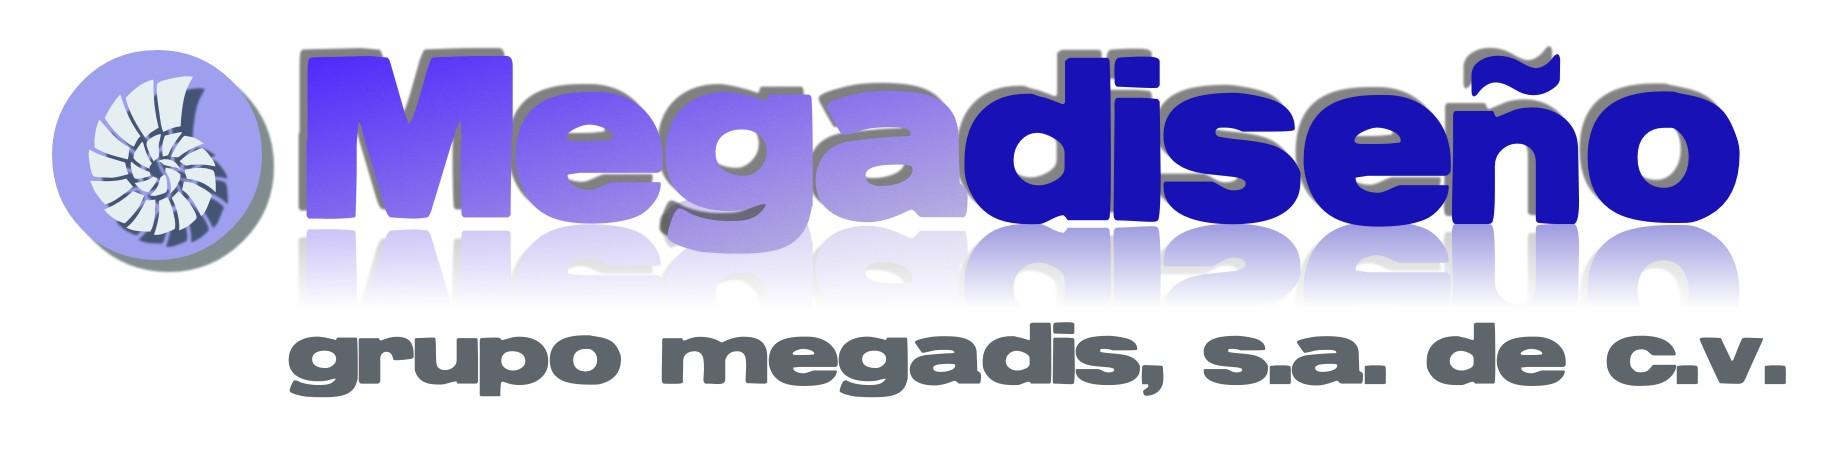 Grupo Megadis, S.a. De C.v.